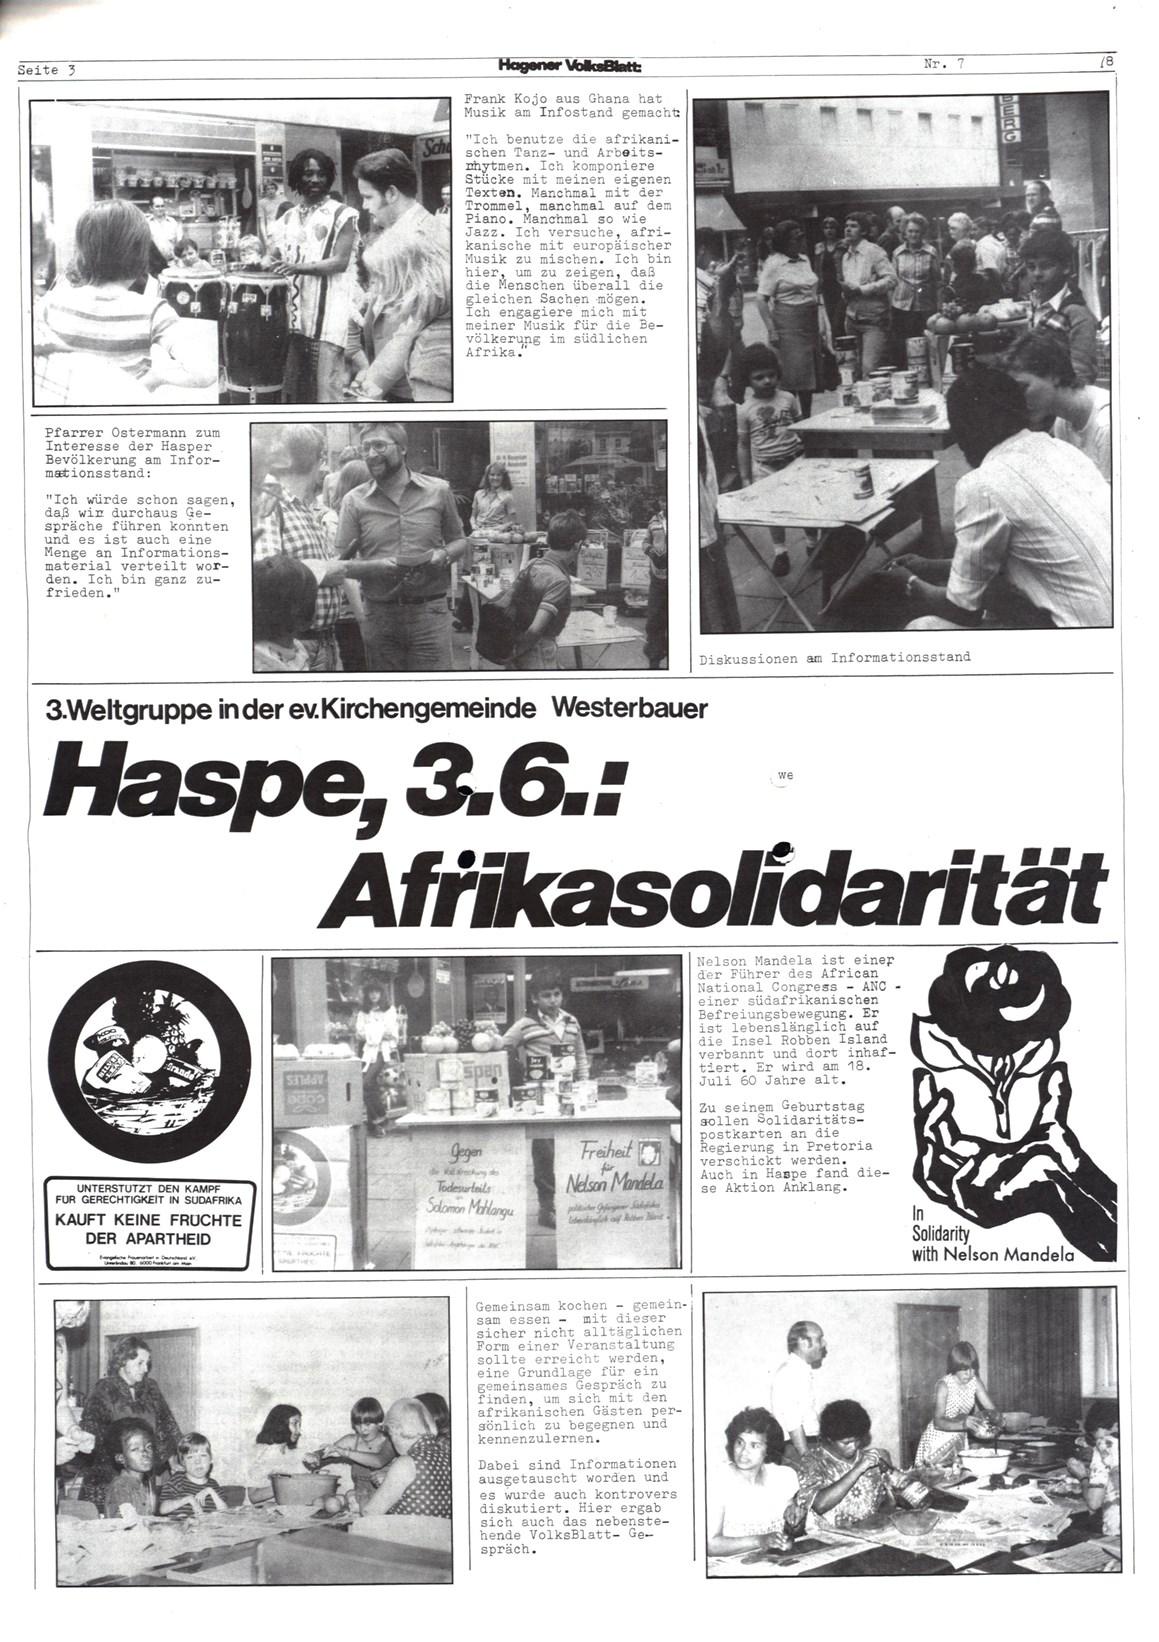 Hagen_Volksblatt_19780800_03